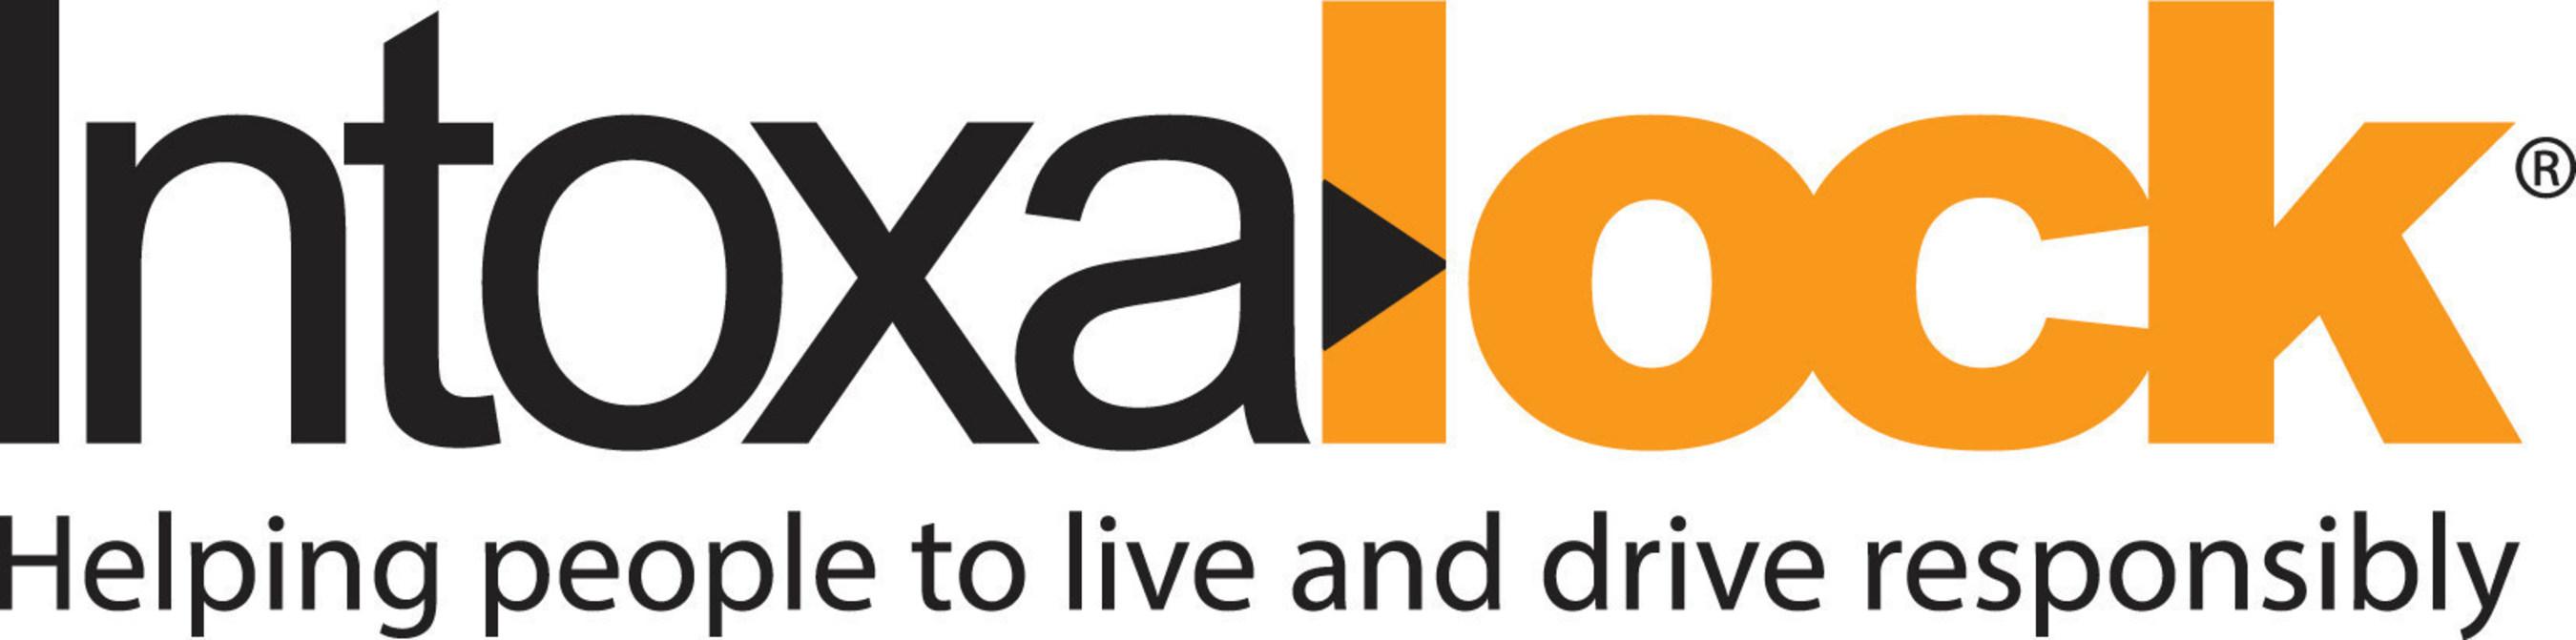 Intoxalock logo